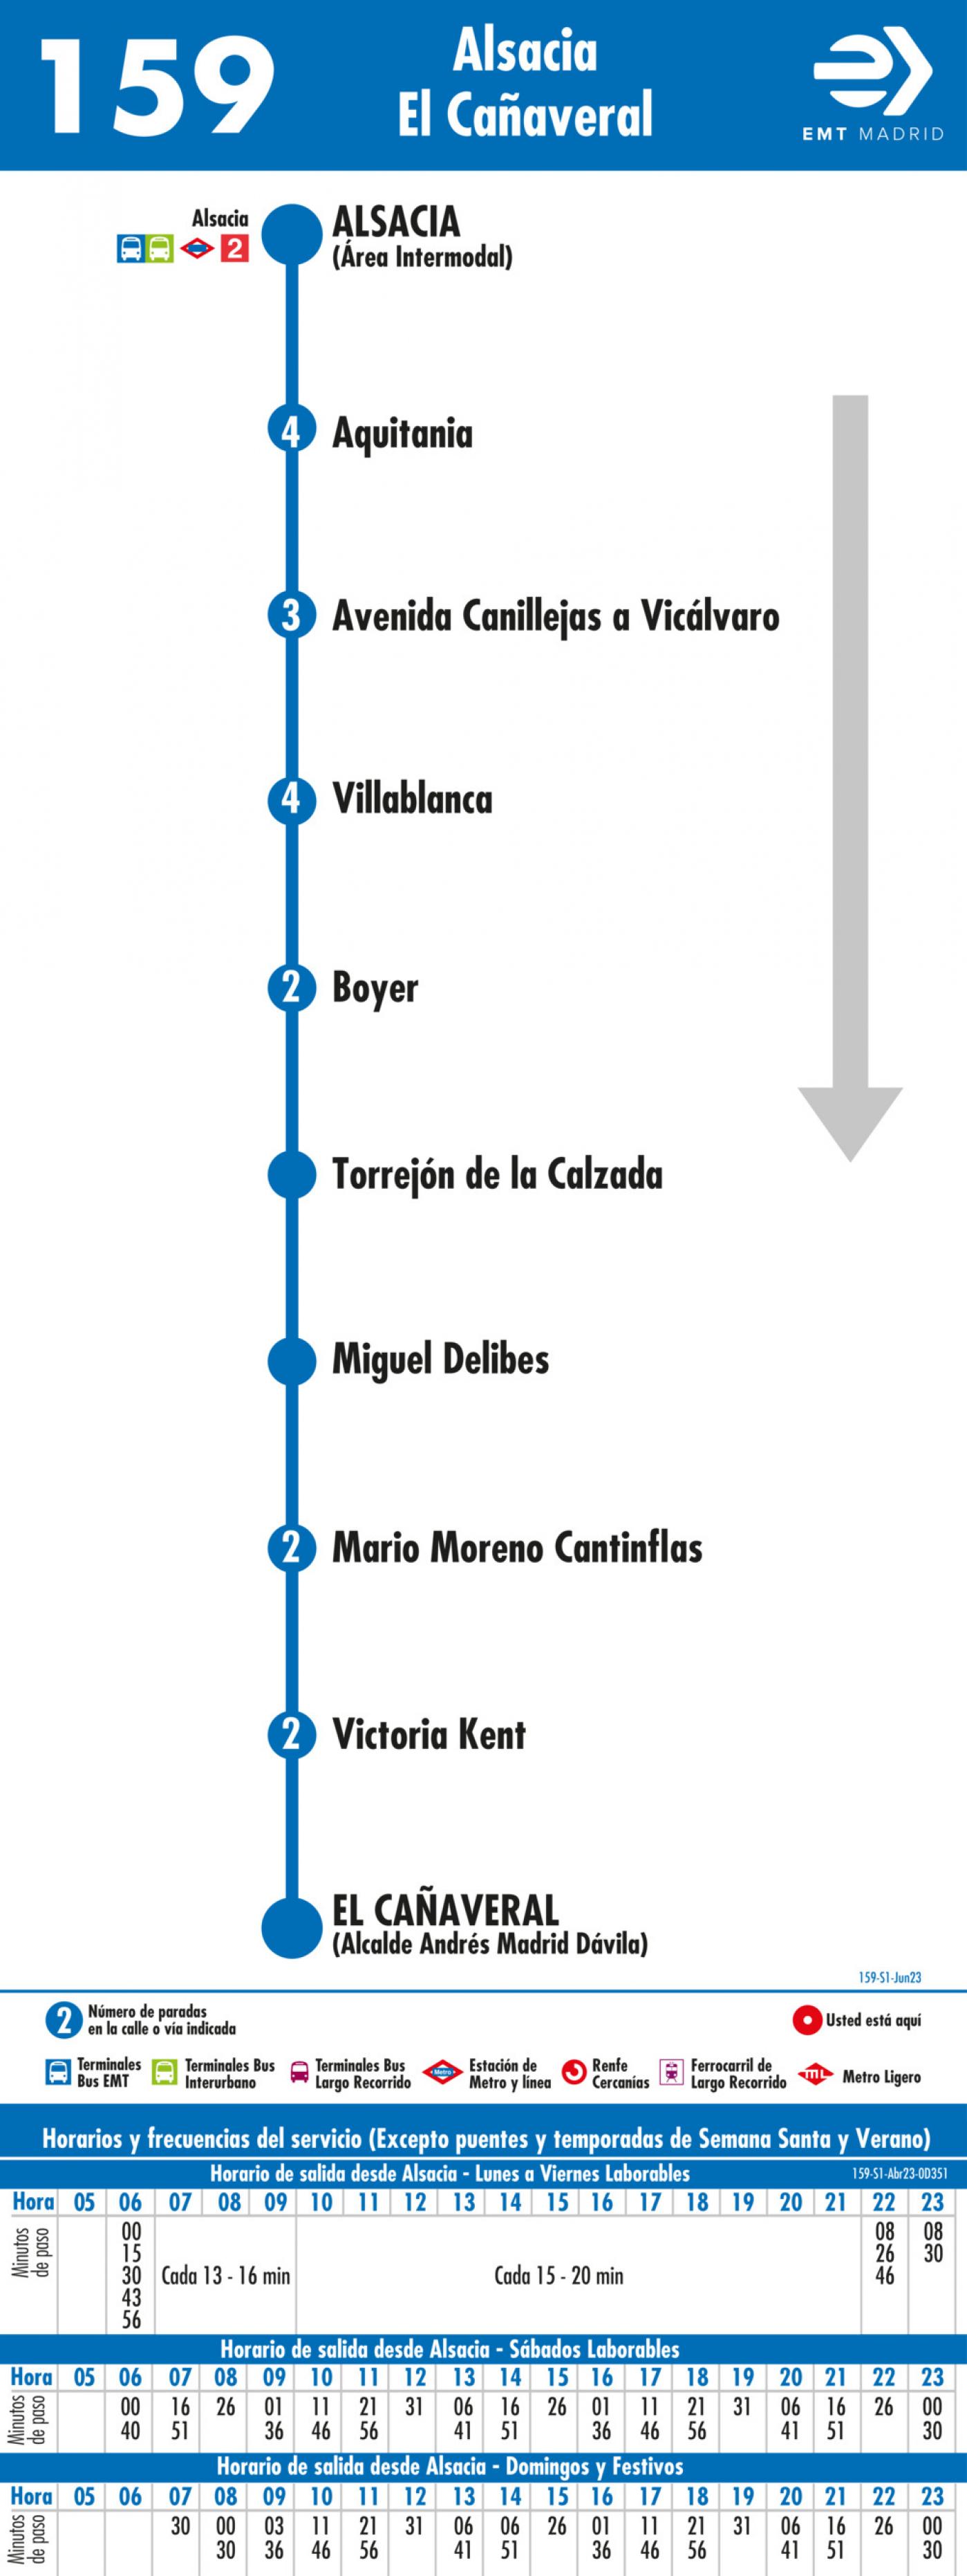 Tabla de horarios y frecuencias de paso en sentido ida Línea 159: Alsacia - El Cañaveral